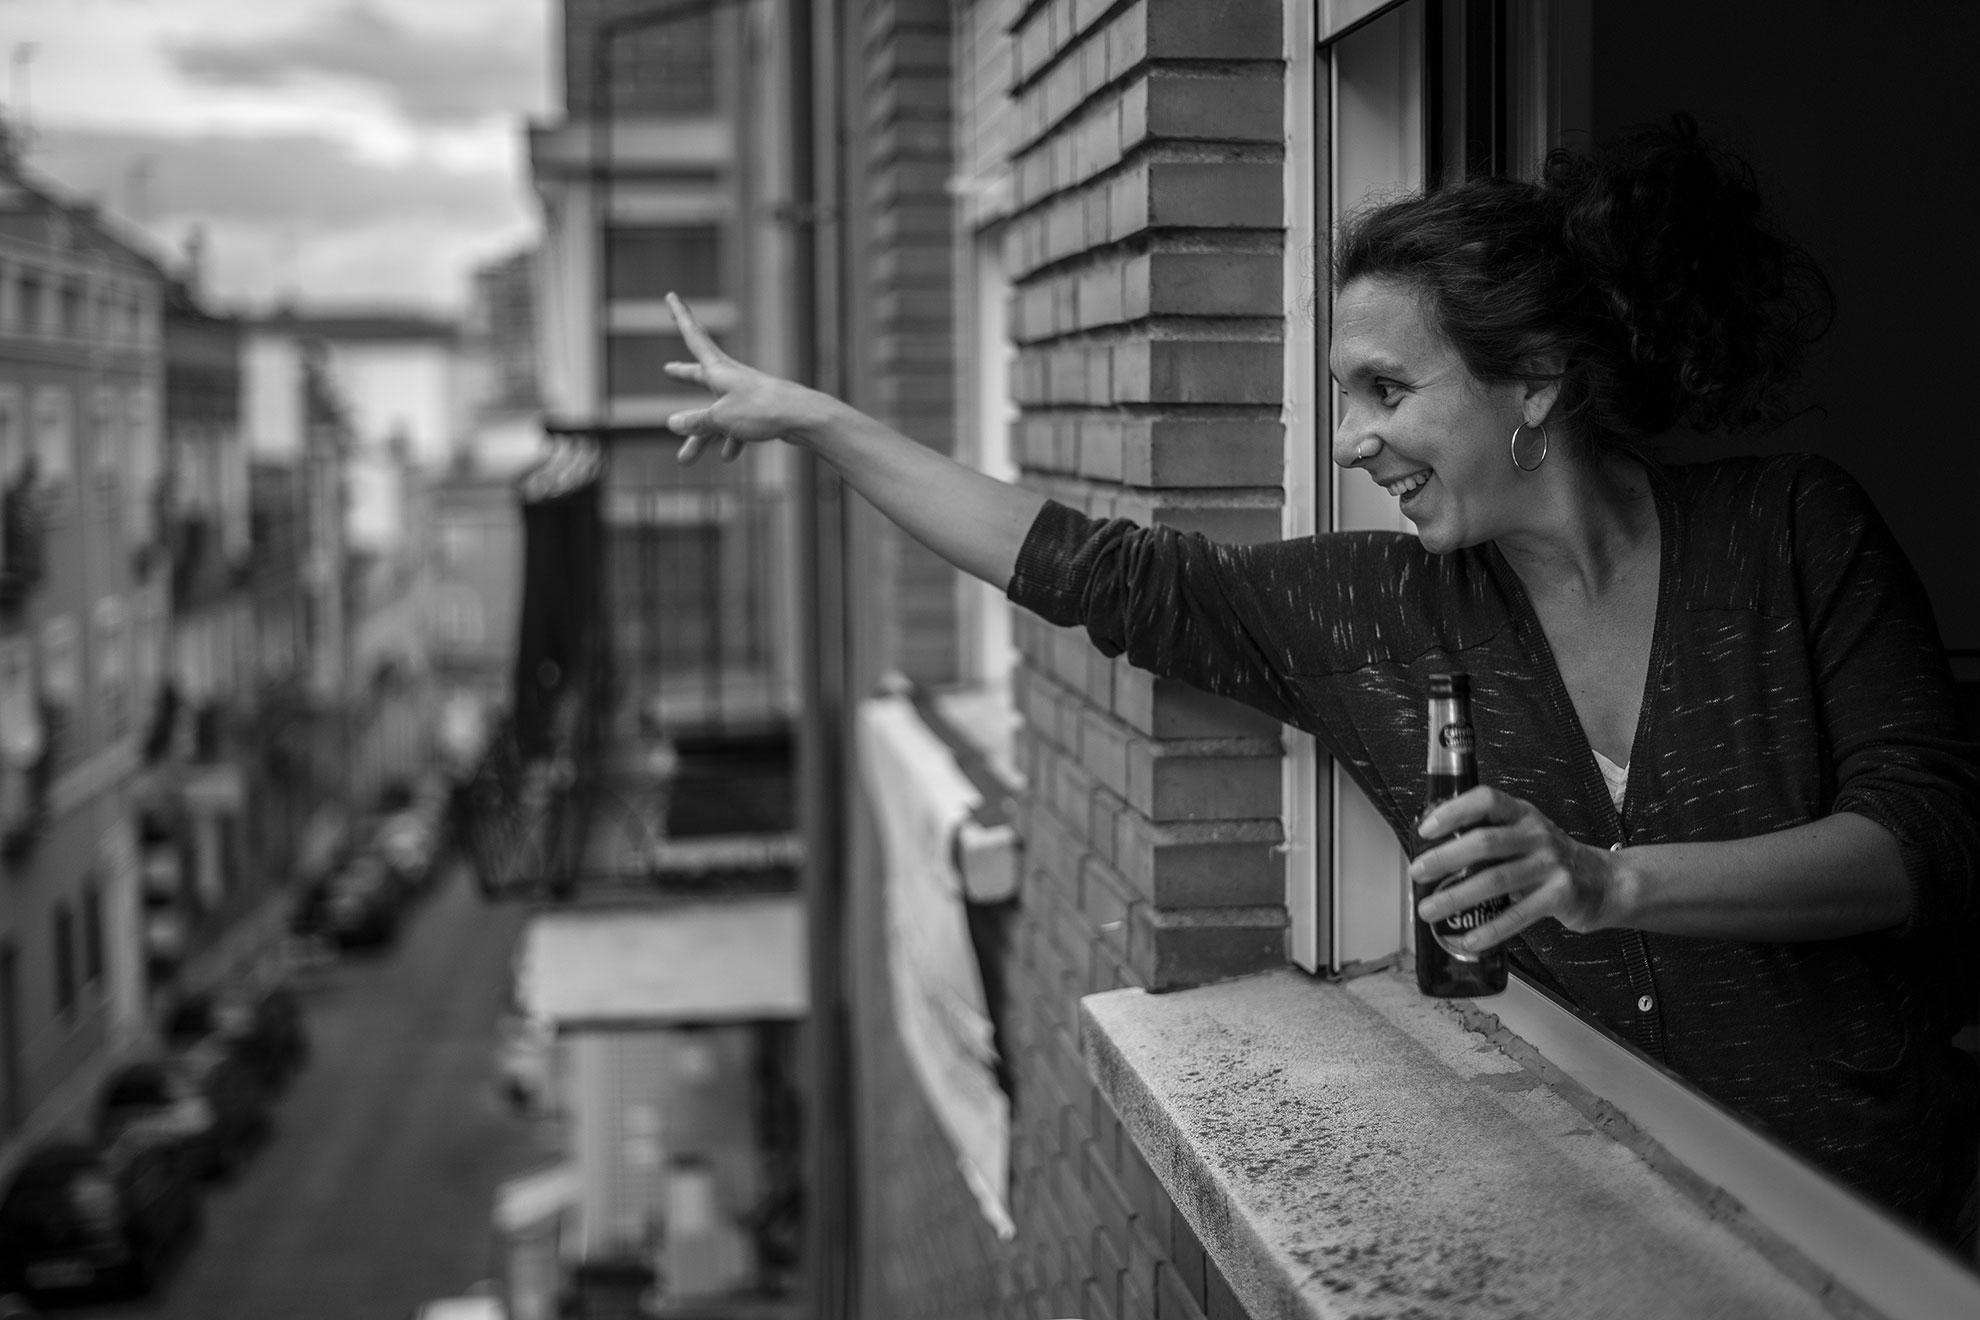 El viernes, en la sobremesa del aplauso -como me gusta llamar a ese ratito que estiramos para charlar un poco desde nuestras ventanas, aunque sea del tiempo- notamos que los ánimos estaban flaqueando. Además, la música y ambiente festivo que sale de una terraza más abajo de la calle, no nos llega. Por eso planeamos que el sábado después de aplaudir, bailaríamos y brindaríamos desde nuestras ventanas. Eso hicimos. Esther y Javi, mis vecinos de enfrente se encargaron de poner música a esta particular verbena confinada. El tamaño de mi barriga cada vez me dificulta más asomarme por la ventana para ver a los vecinos, pero alcancé ver a una señora mayor aplaudiendo siguiendo la música y pude unirme al coro vecinal a ritmo de Muchachito Bombo Infierno o Los Chichos. ¡Qué nos quiten lo bailao!